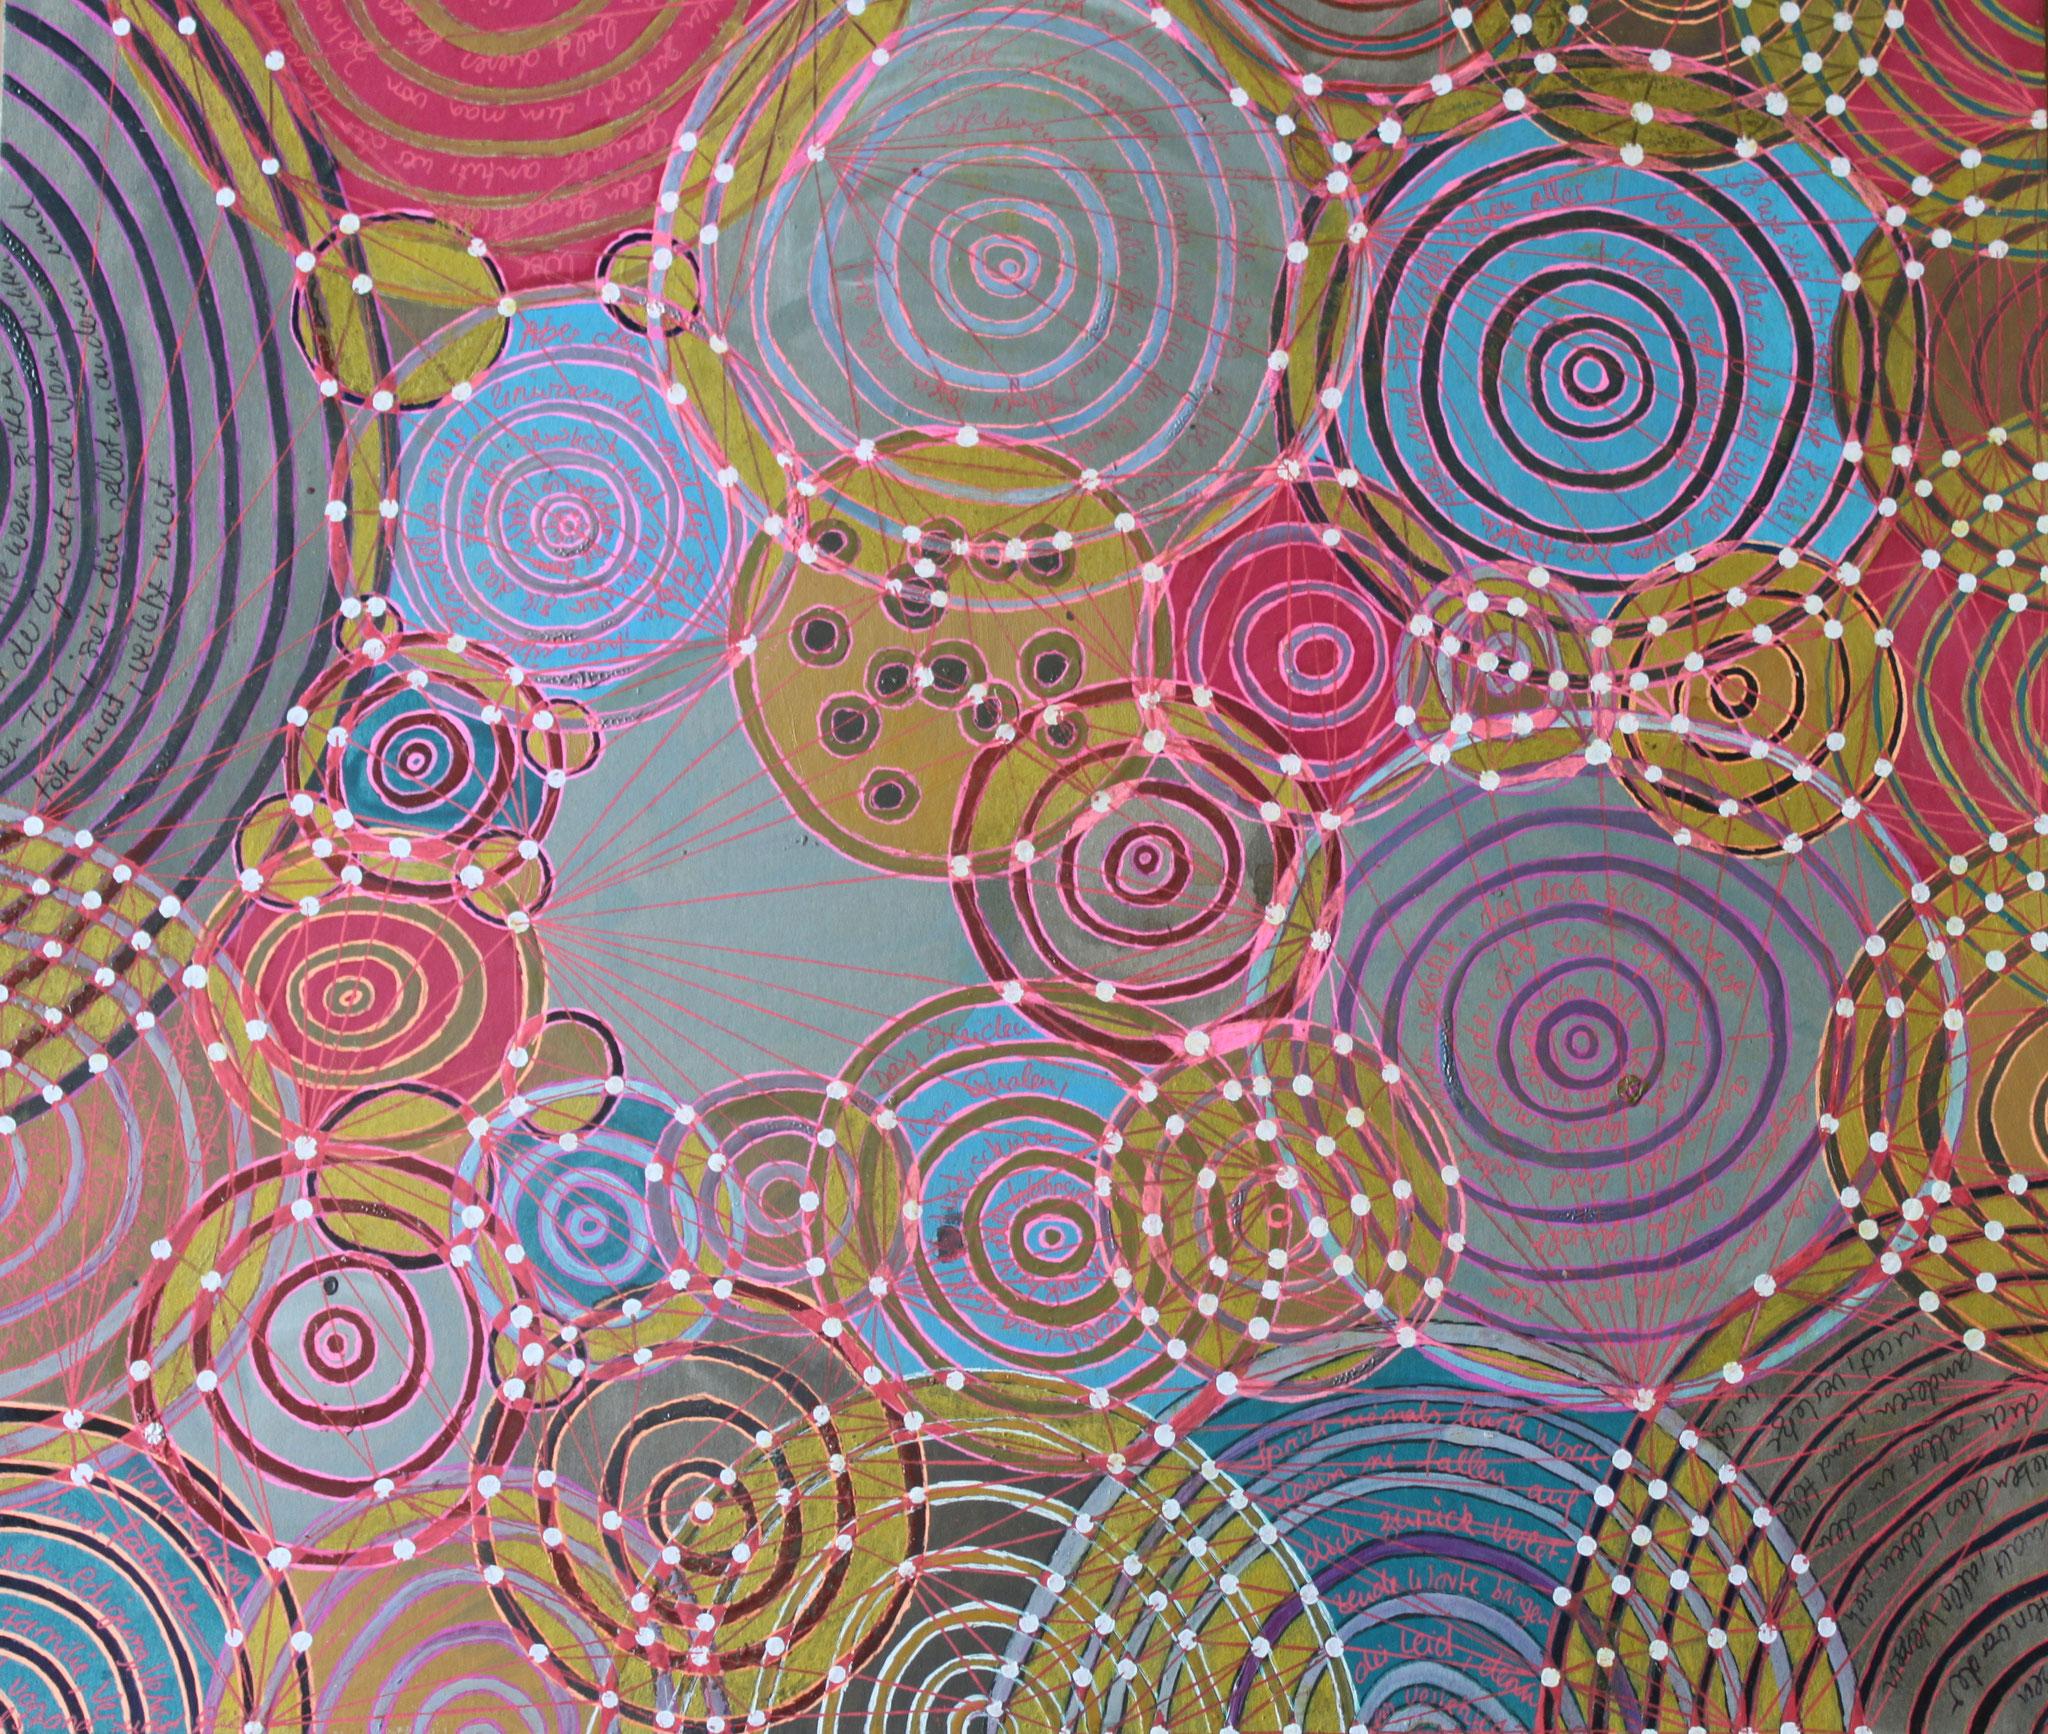 Sakura 9 - Die Gewalt; Mischtechnik auf Karton; 42 cm x 37 cm; 2018